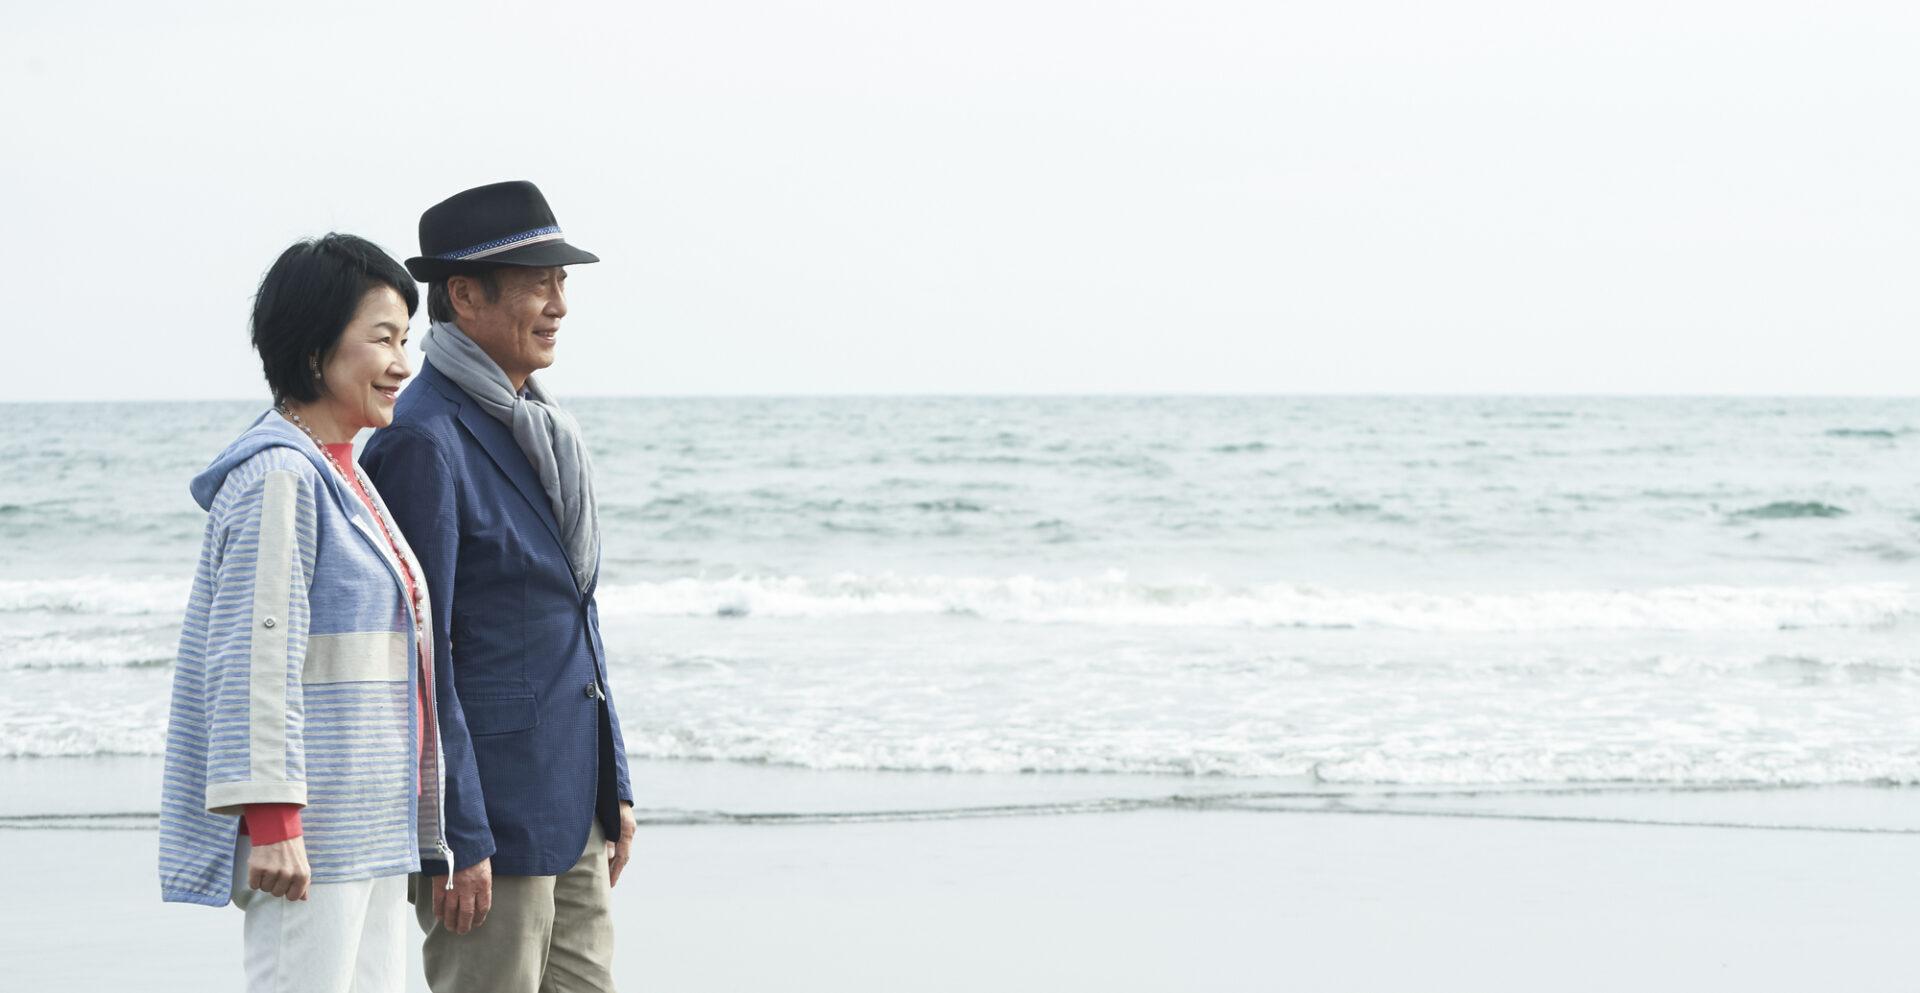 年配の夫婦が海を眺める